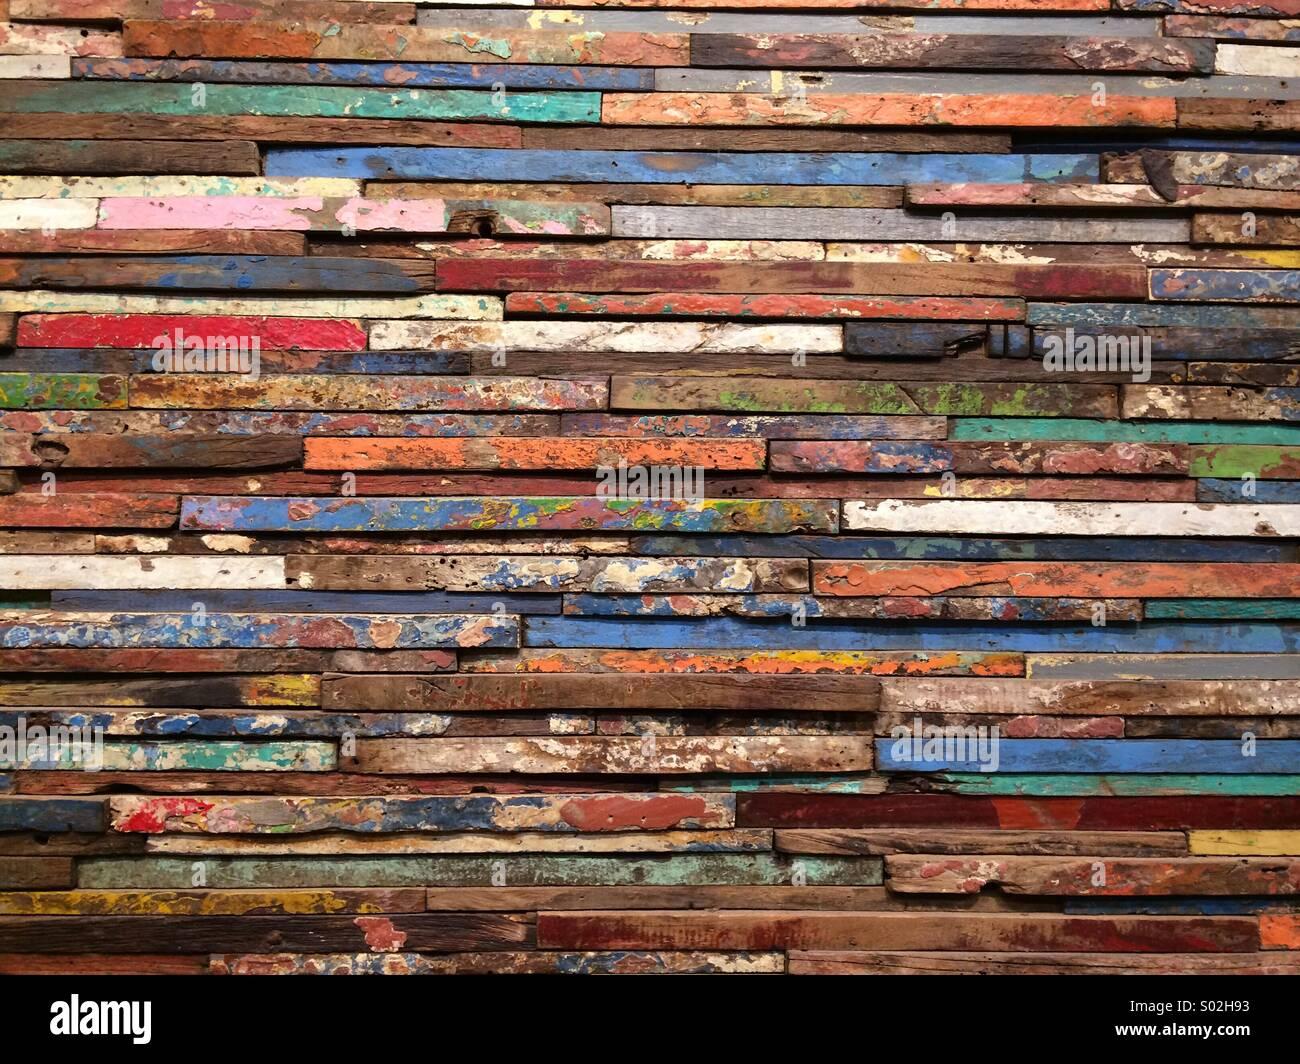 Reutilizar la Madera (horizontal) marcos de ventanas reutilizados como arte de pared Imagen De Stock